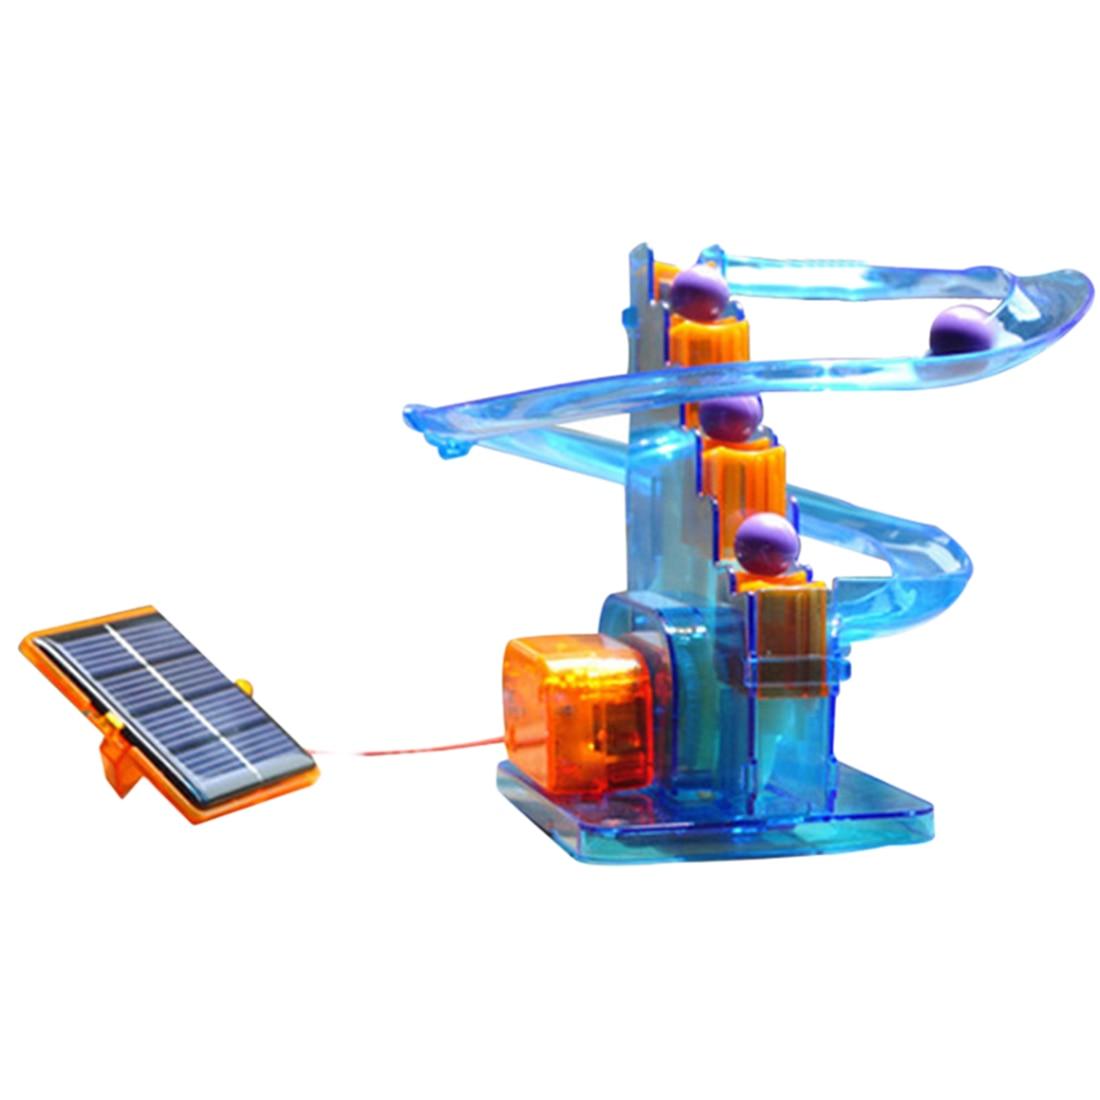 Дети DIY Солнечная Энергия Трек Болл Развивающие Игрушки Фитнес Kid обучения Наука Наборы Обучающие  ★